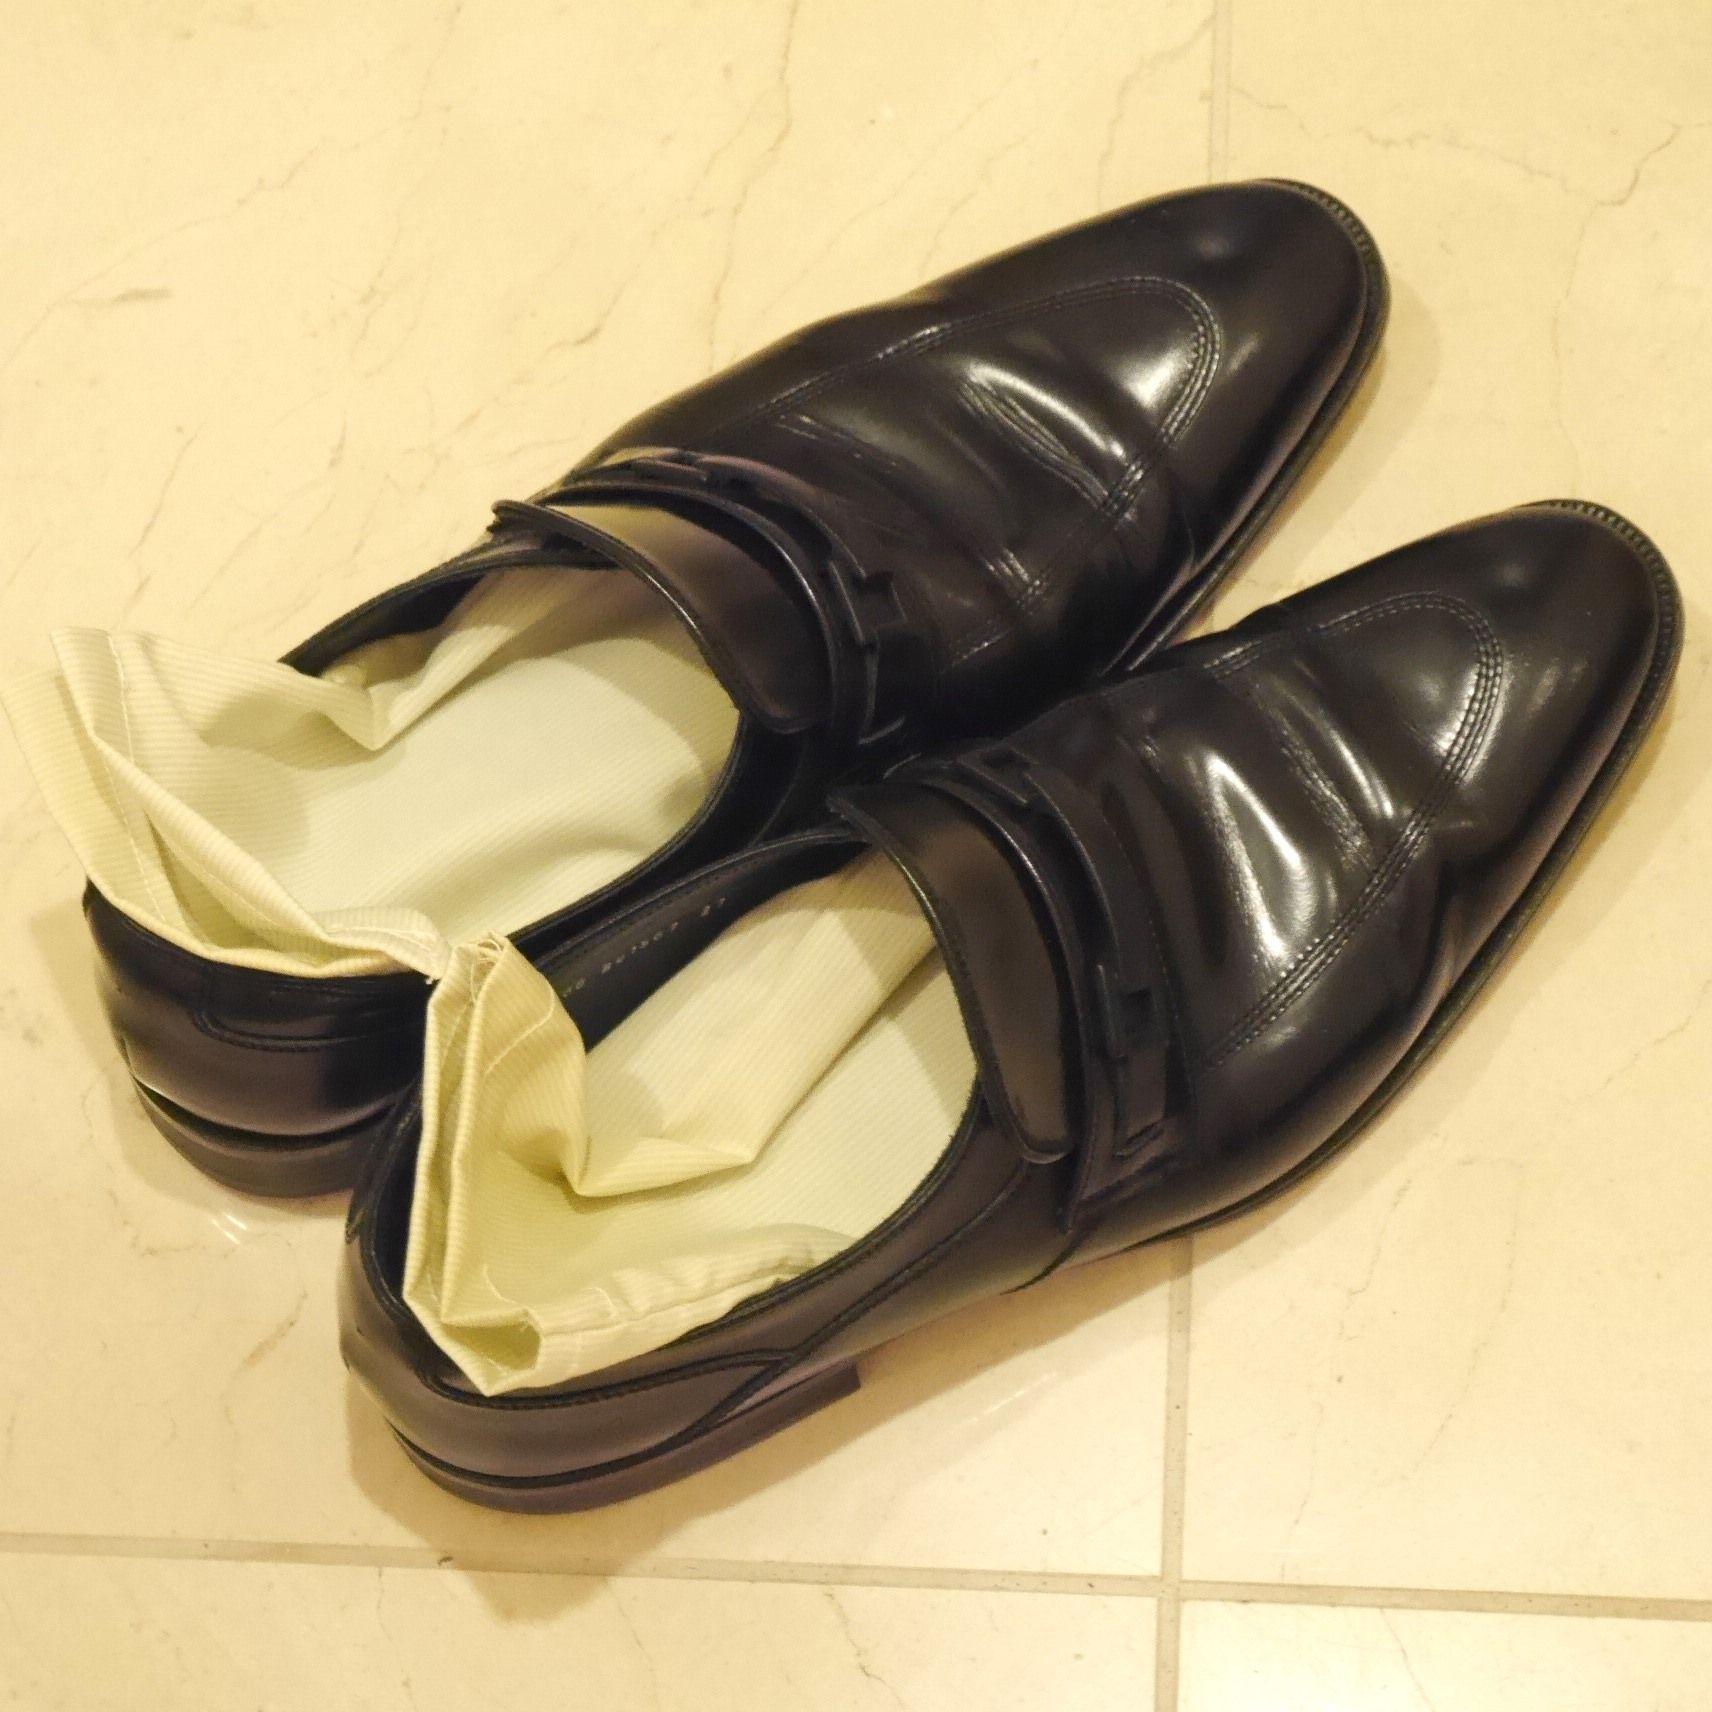 シューキーパー_外袋_ロング_メンズ革靴